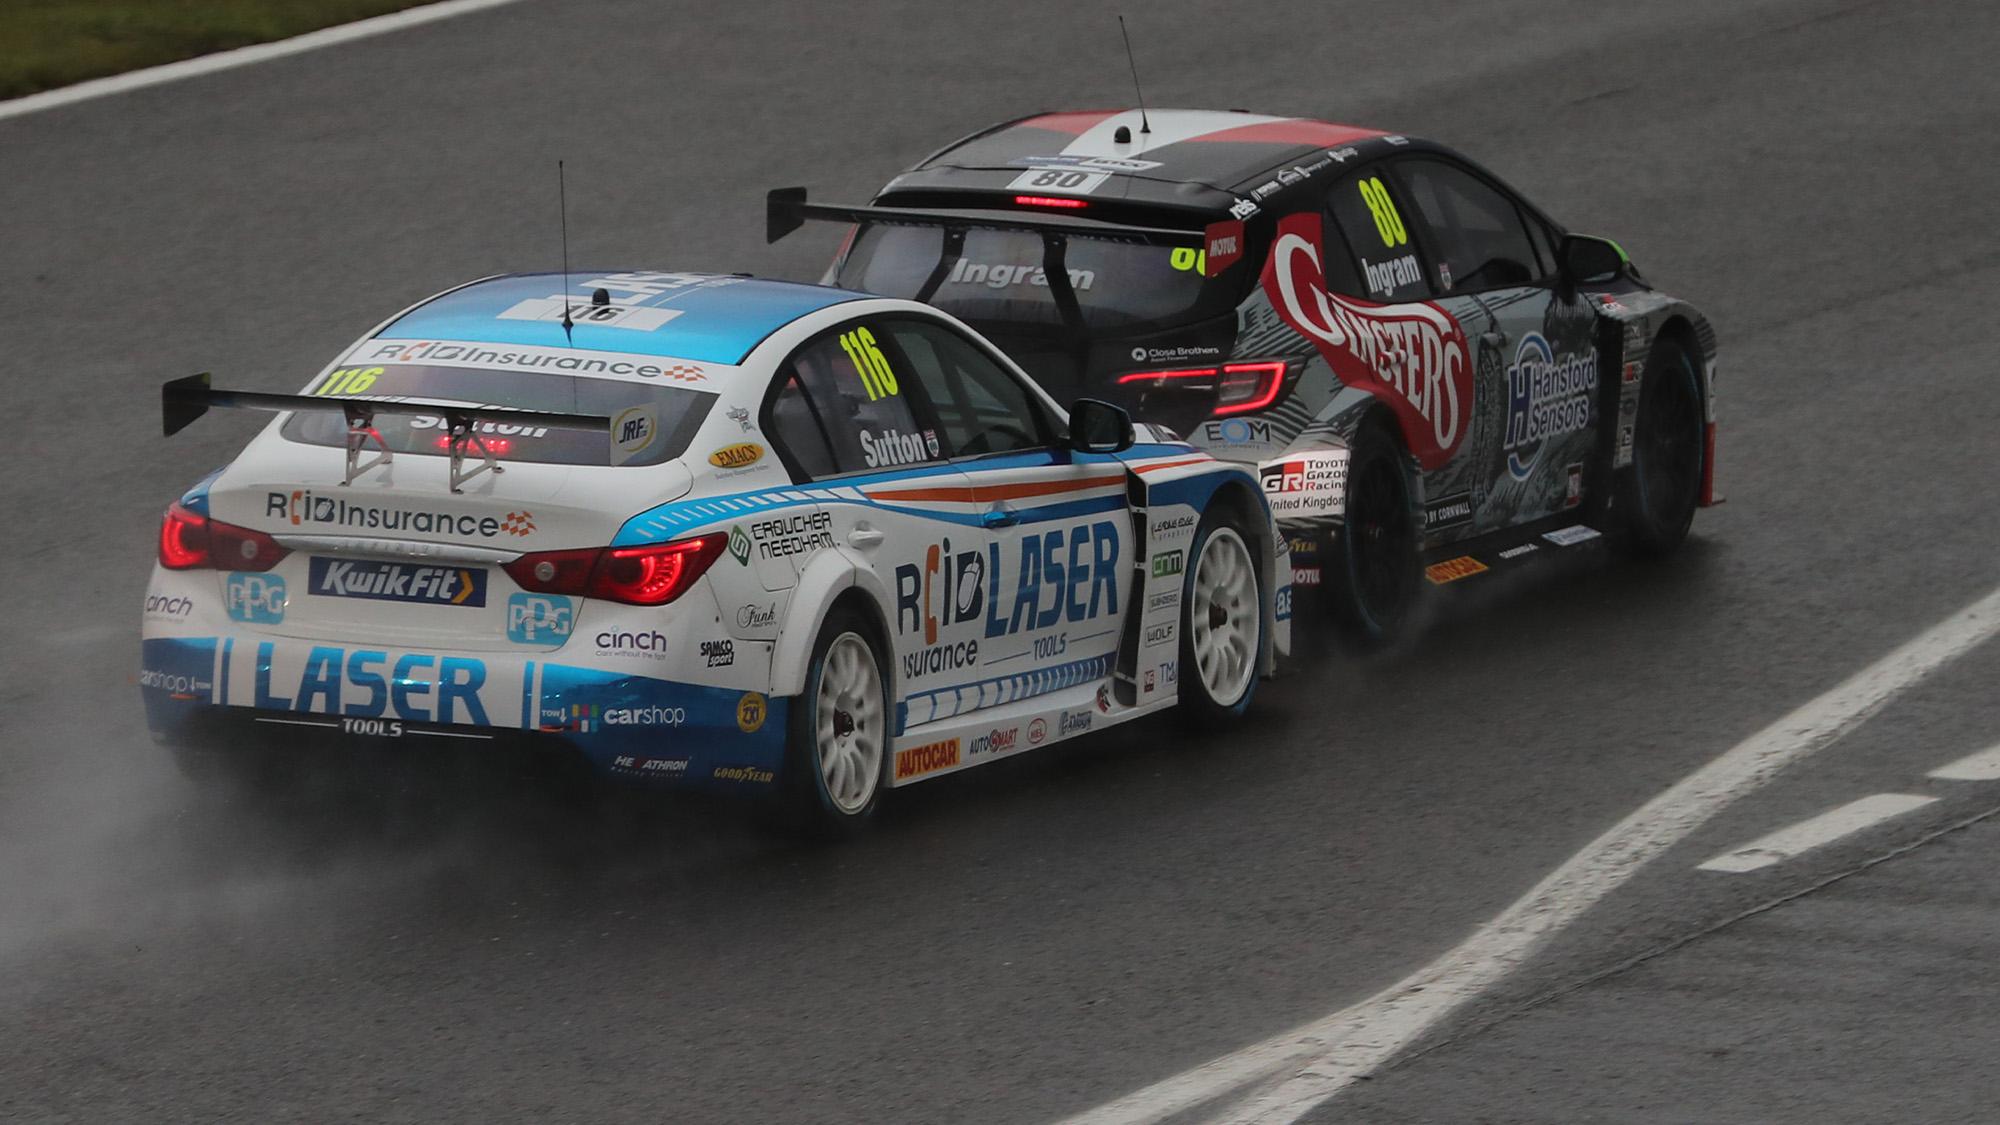 Ash Sutton puts pressure on Tom Ingram at the 2020 BTCC Brands Hatch Indy Round